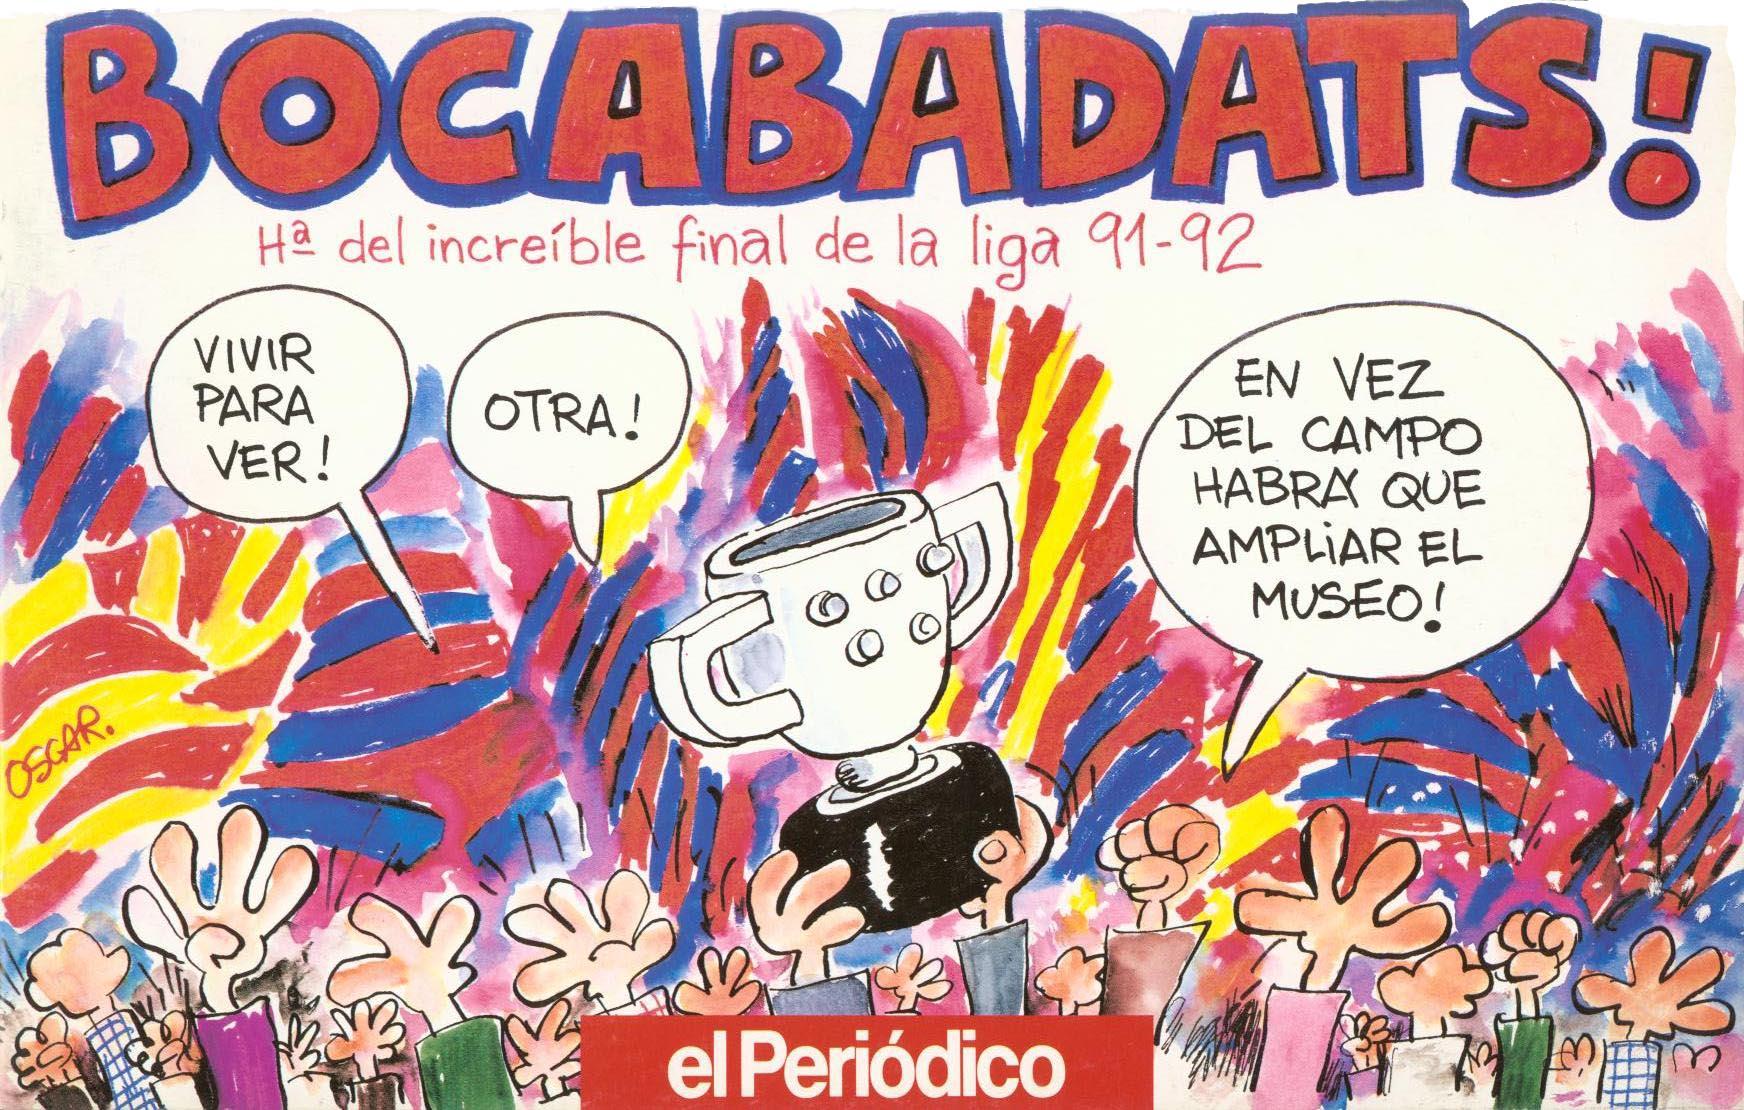 Tiras de prensa - Barcelona - Liga 91-92 2a vuelta